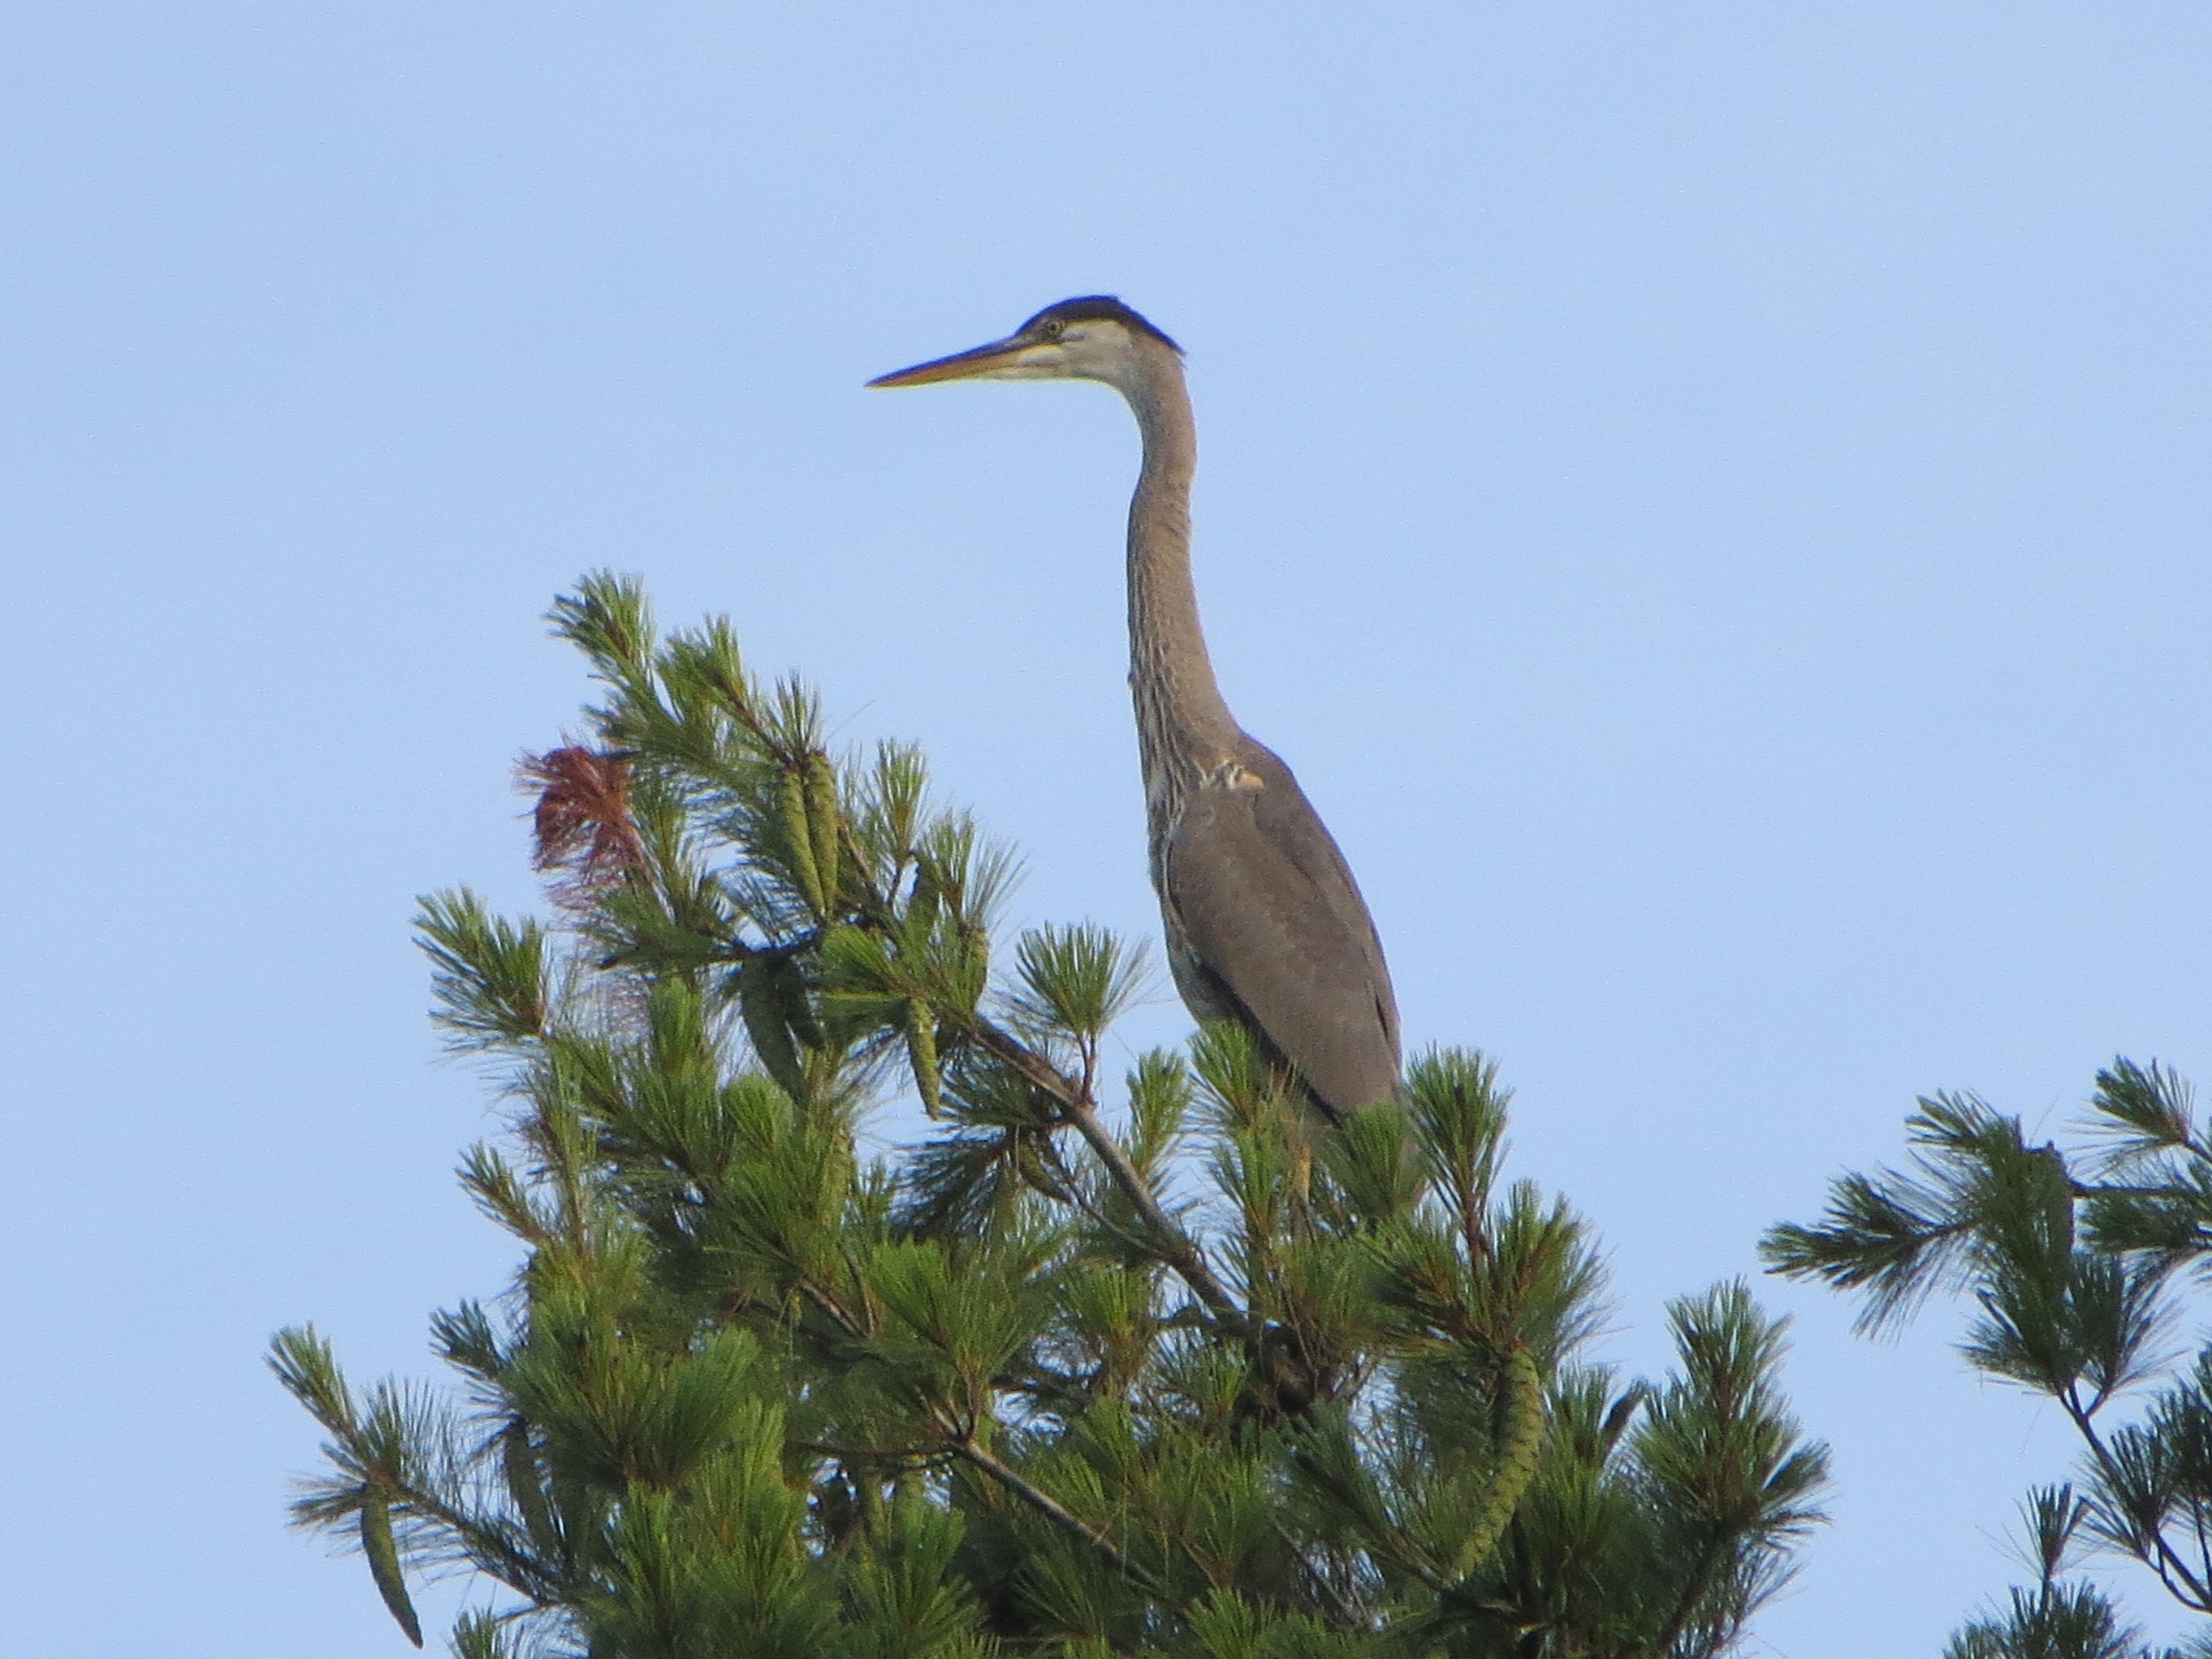 Great Blue Heron at Cranmore Mountain Lodge